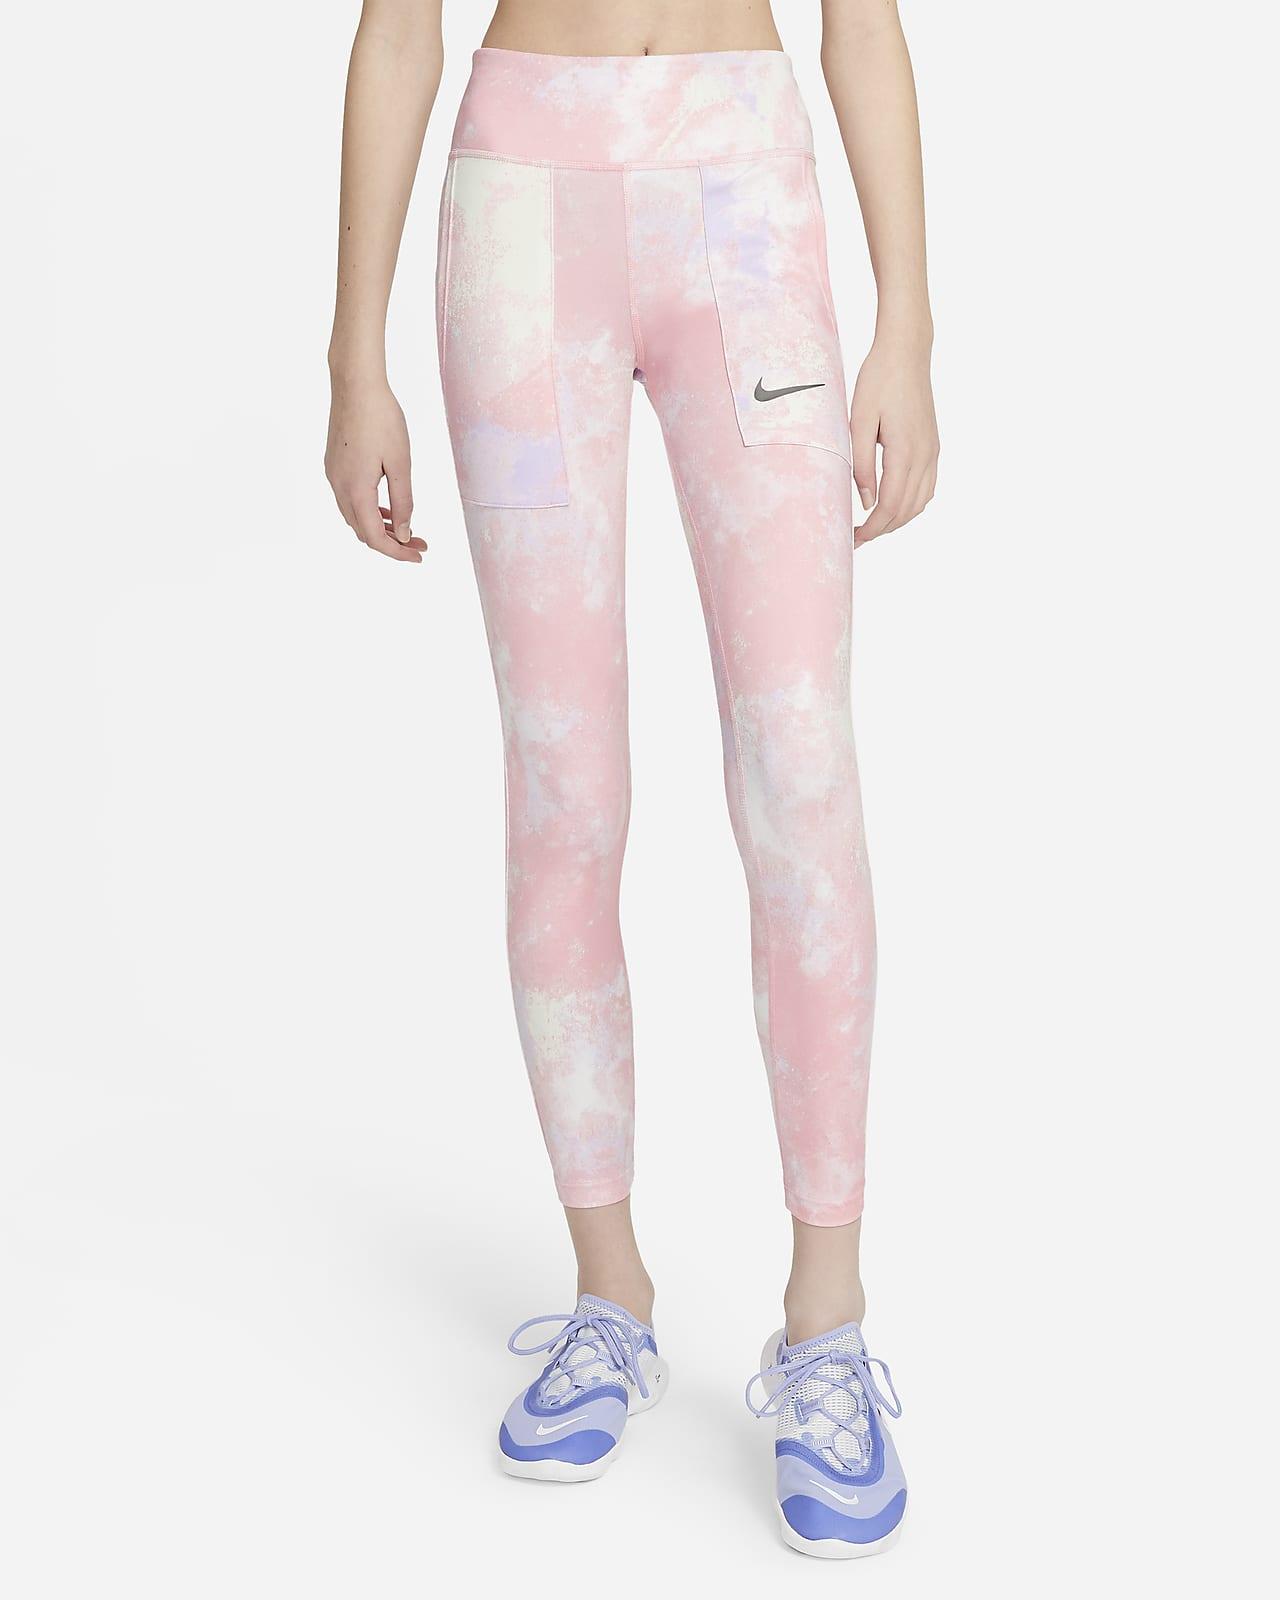 เลกกิ้งเด็กโตพิมพ์ลายมัดย้อม Nike One (หญิง)